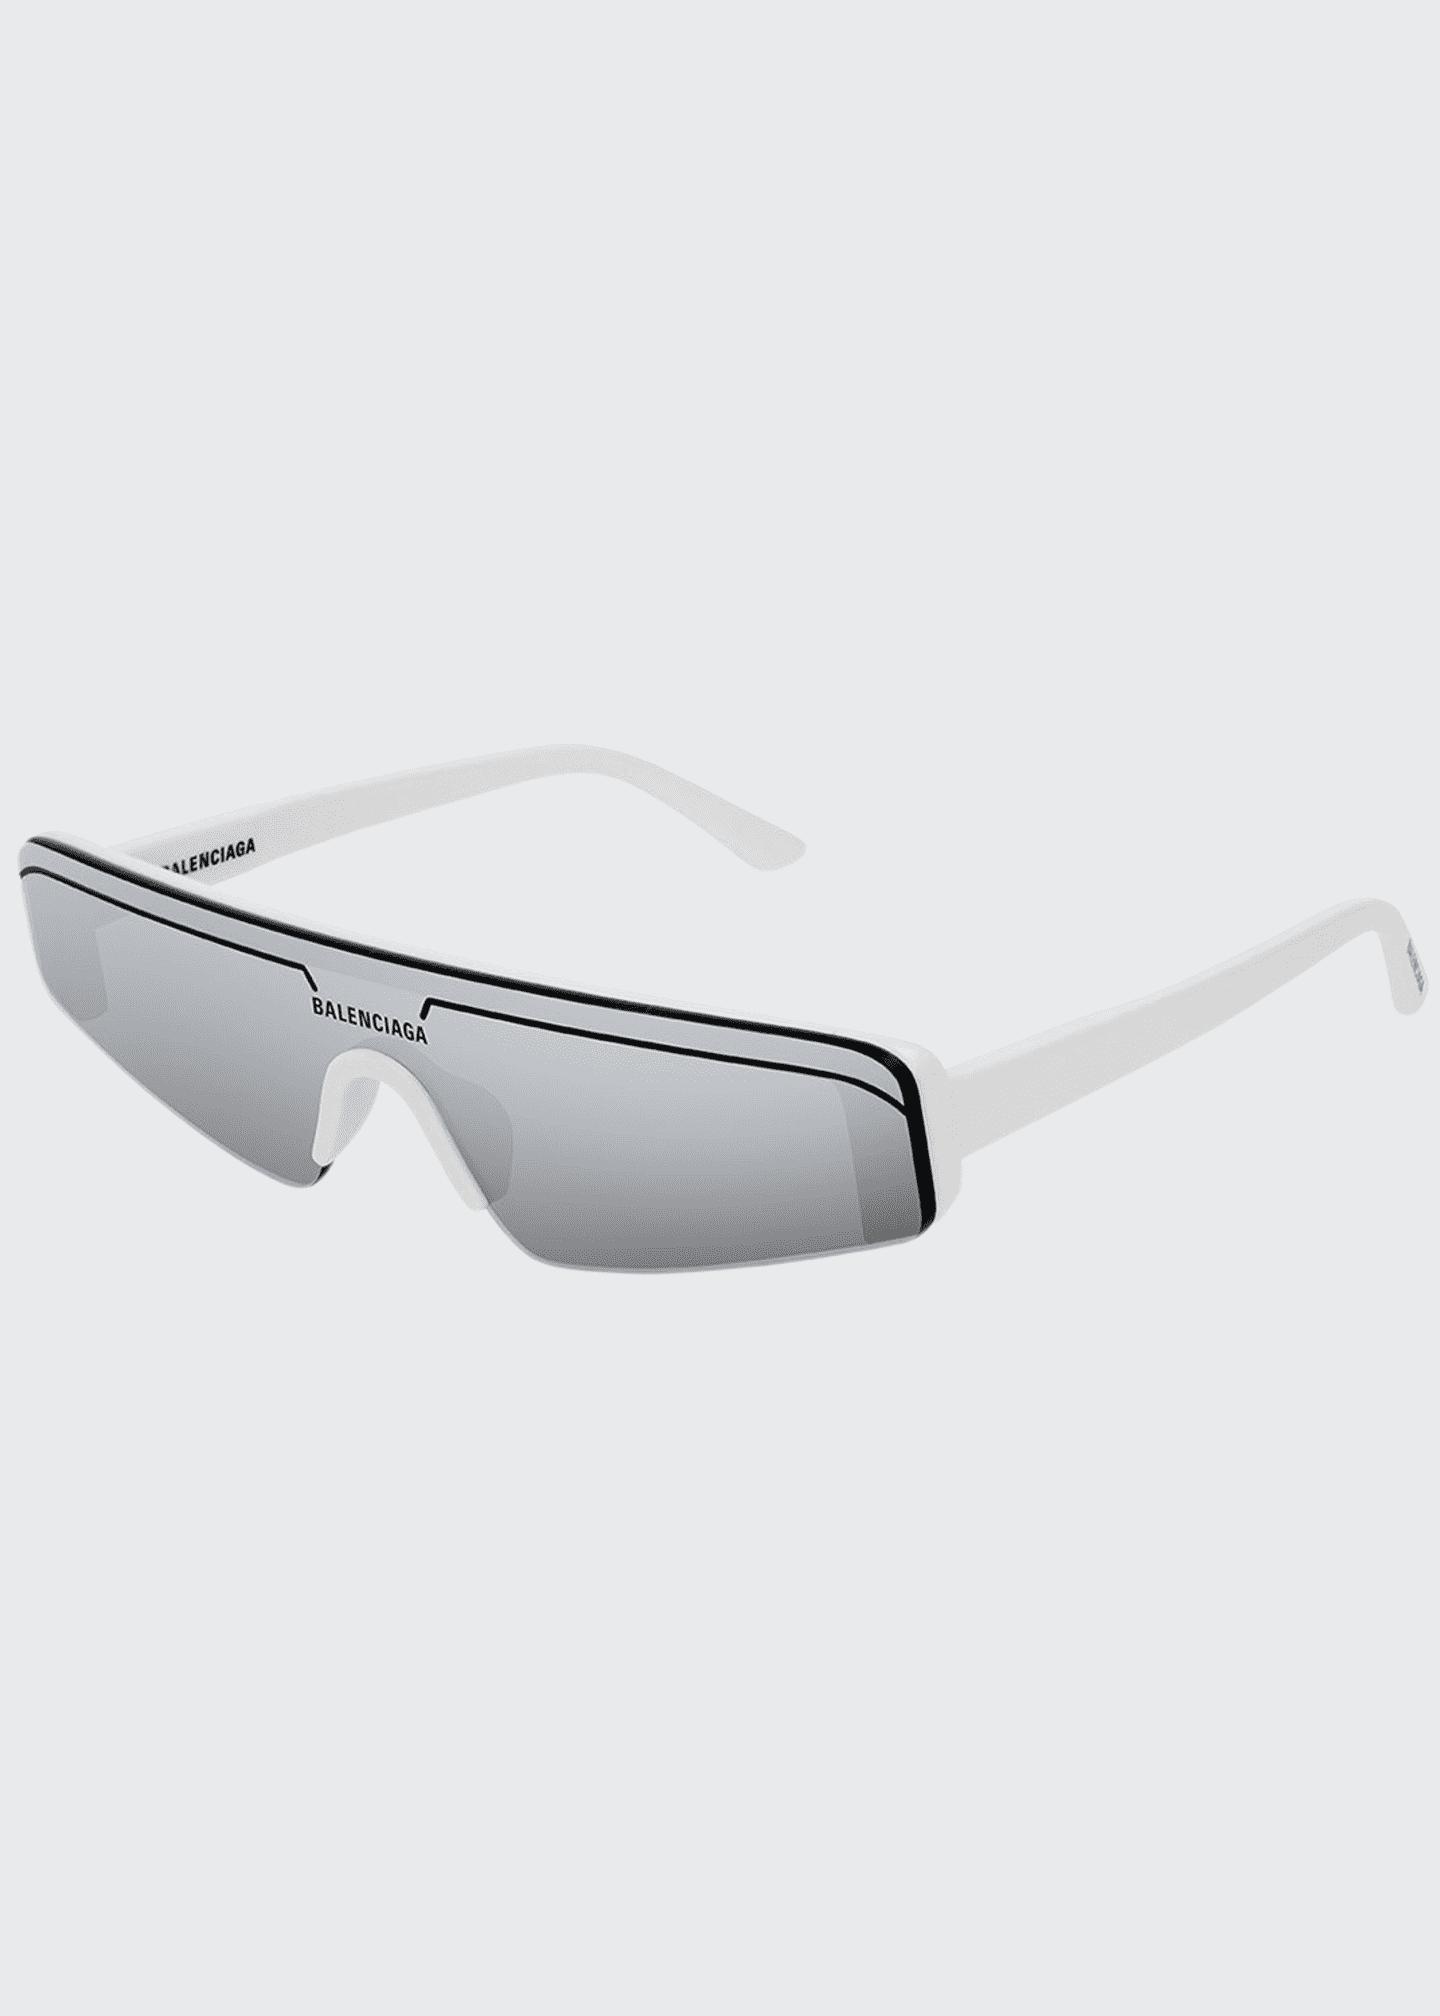 Balenciaga Men's Ski-Style Mirrored Sunglasses